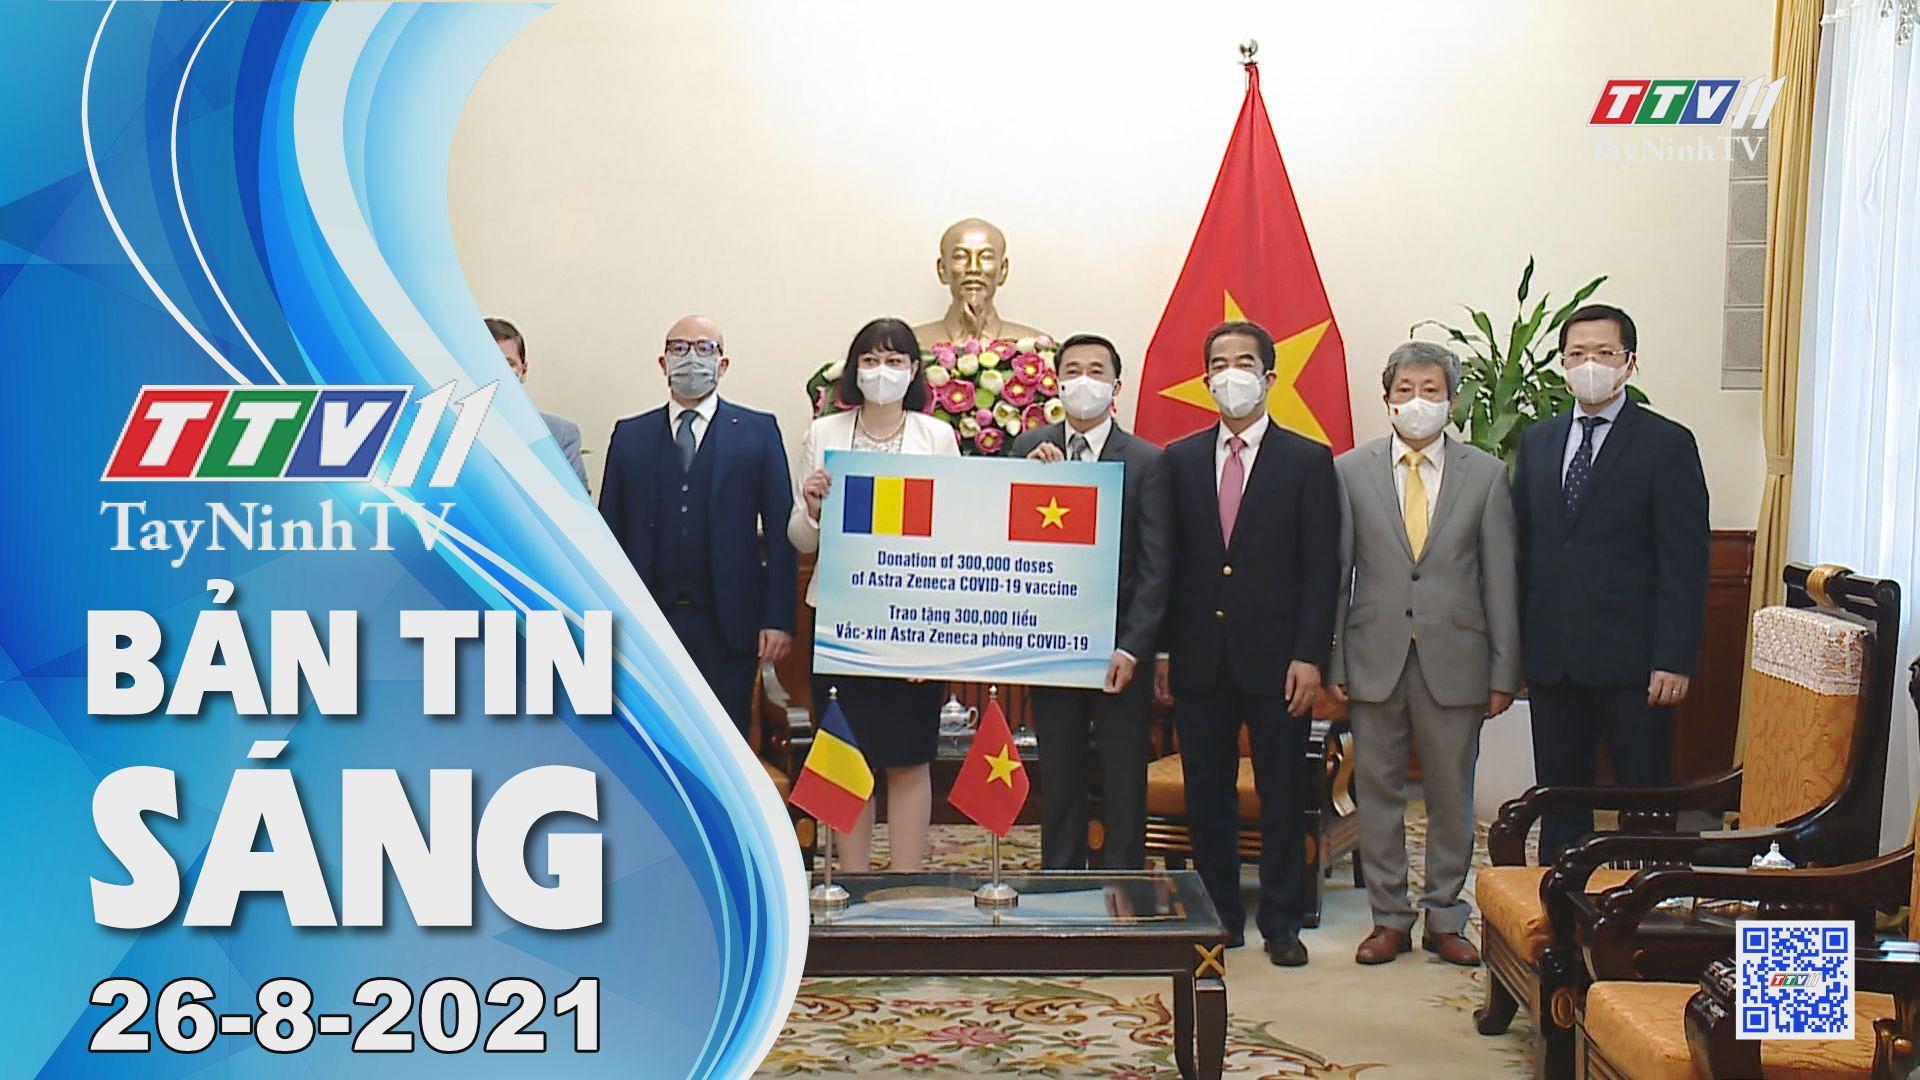 Bản tin sáng 26-8-2021 | Tin tức hôm nay | TayNinhTV